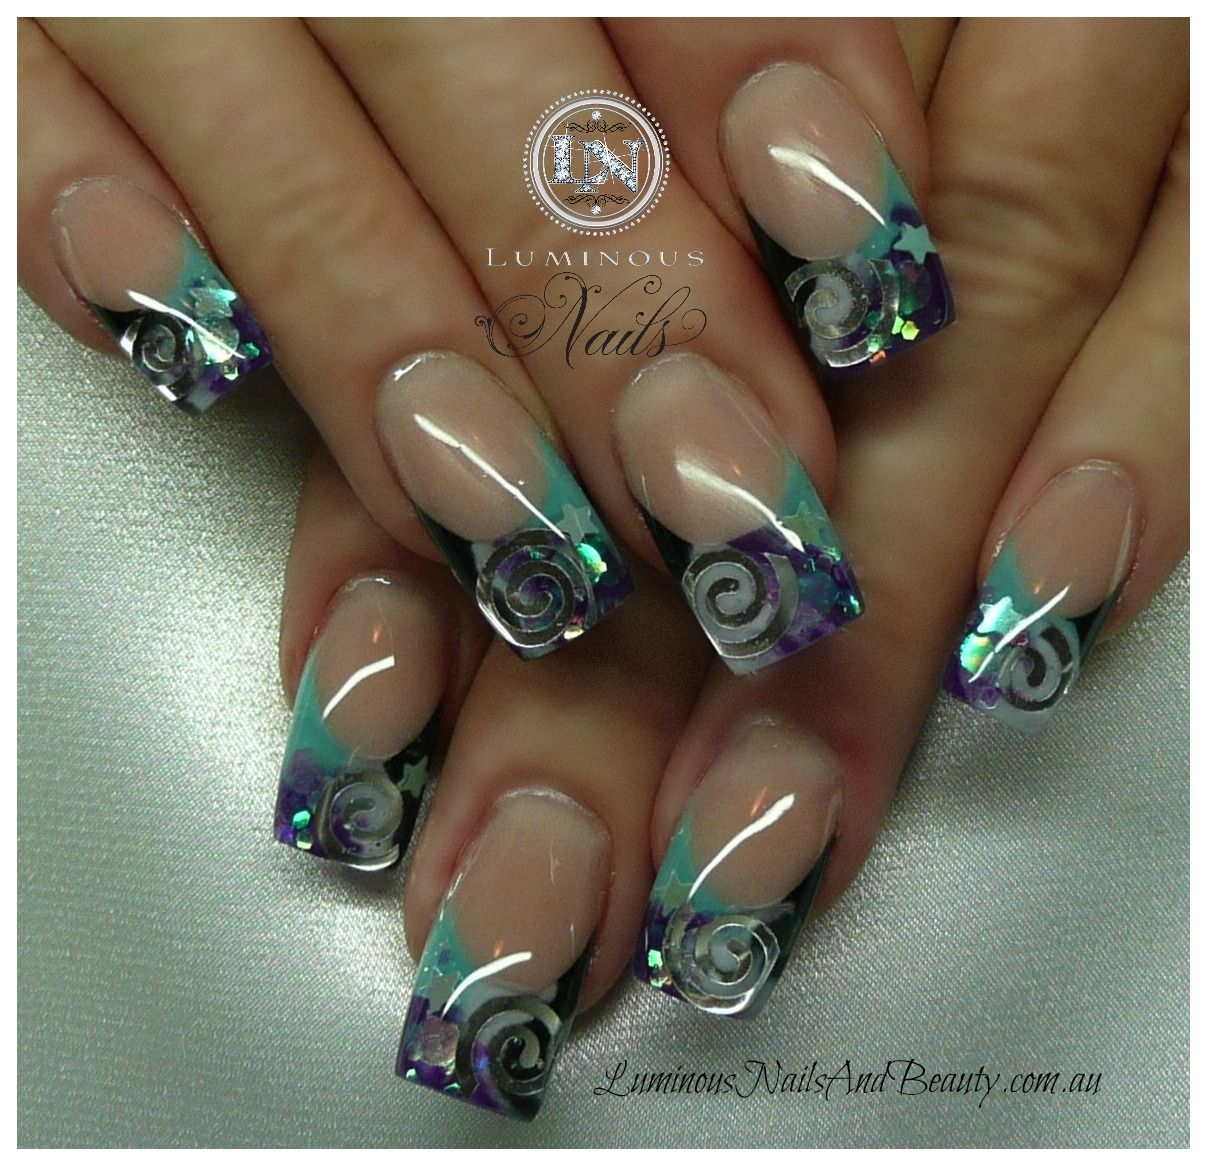 Rockstar Gel Nails Nails-and-beauty-gold-coast-queensland.-acrylic-nails-gel-nails . Nail